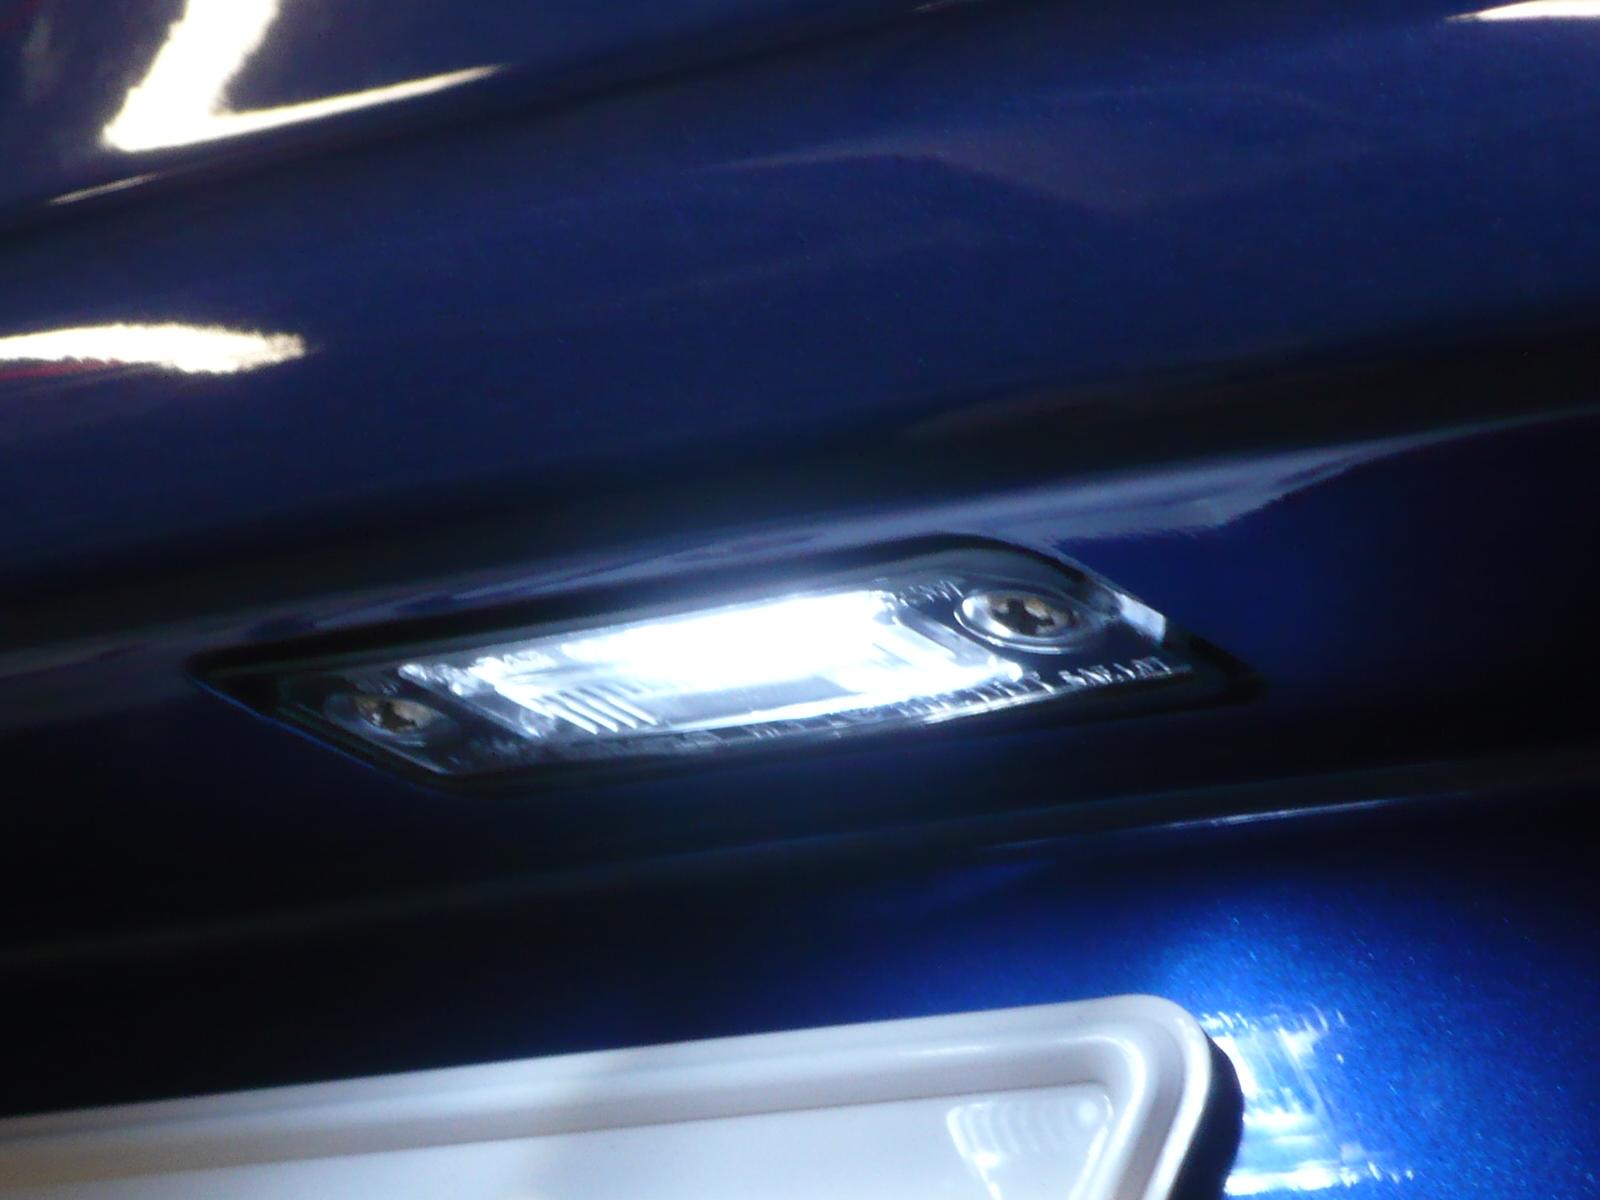 ナンバー灯もLEDに変えました!<br /> 商品代  LED+玉切れ警告キャンセラー ¥12,600−<br /> 取付工賃 バンパー脱着を含む ¥21,000-<br /> リアナンバー灯 商品代+工賃合計合計 ¥33,600-<br />